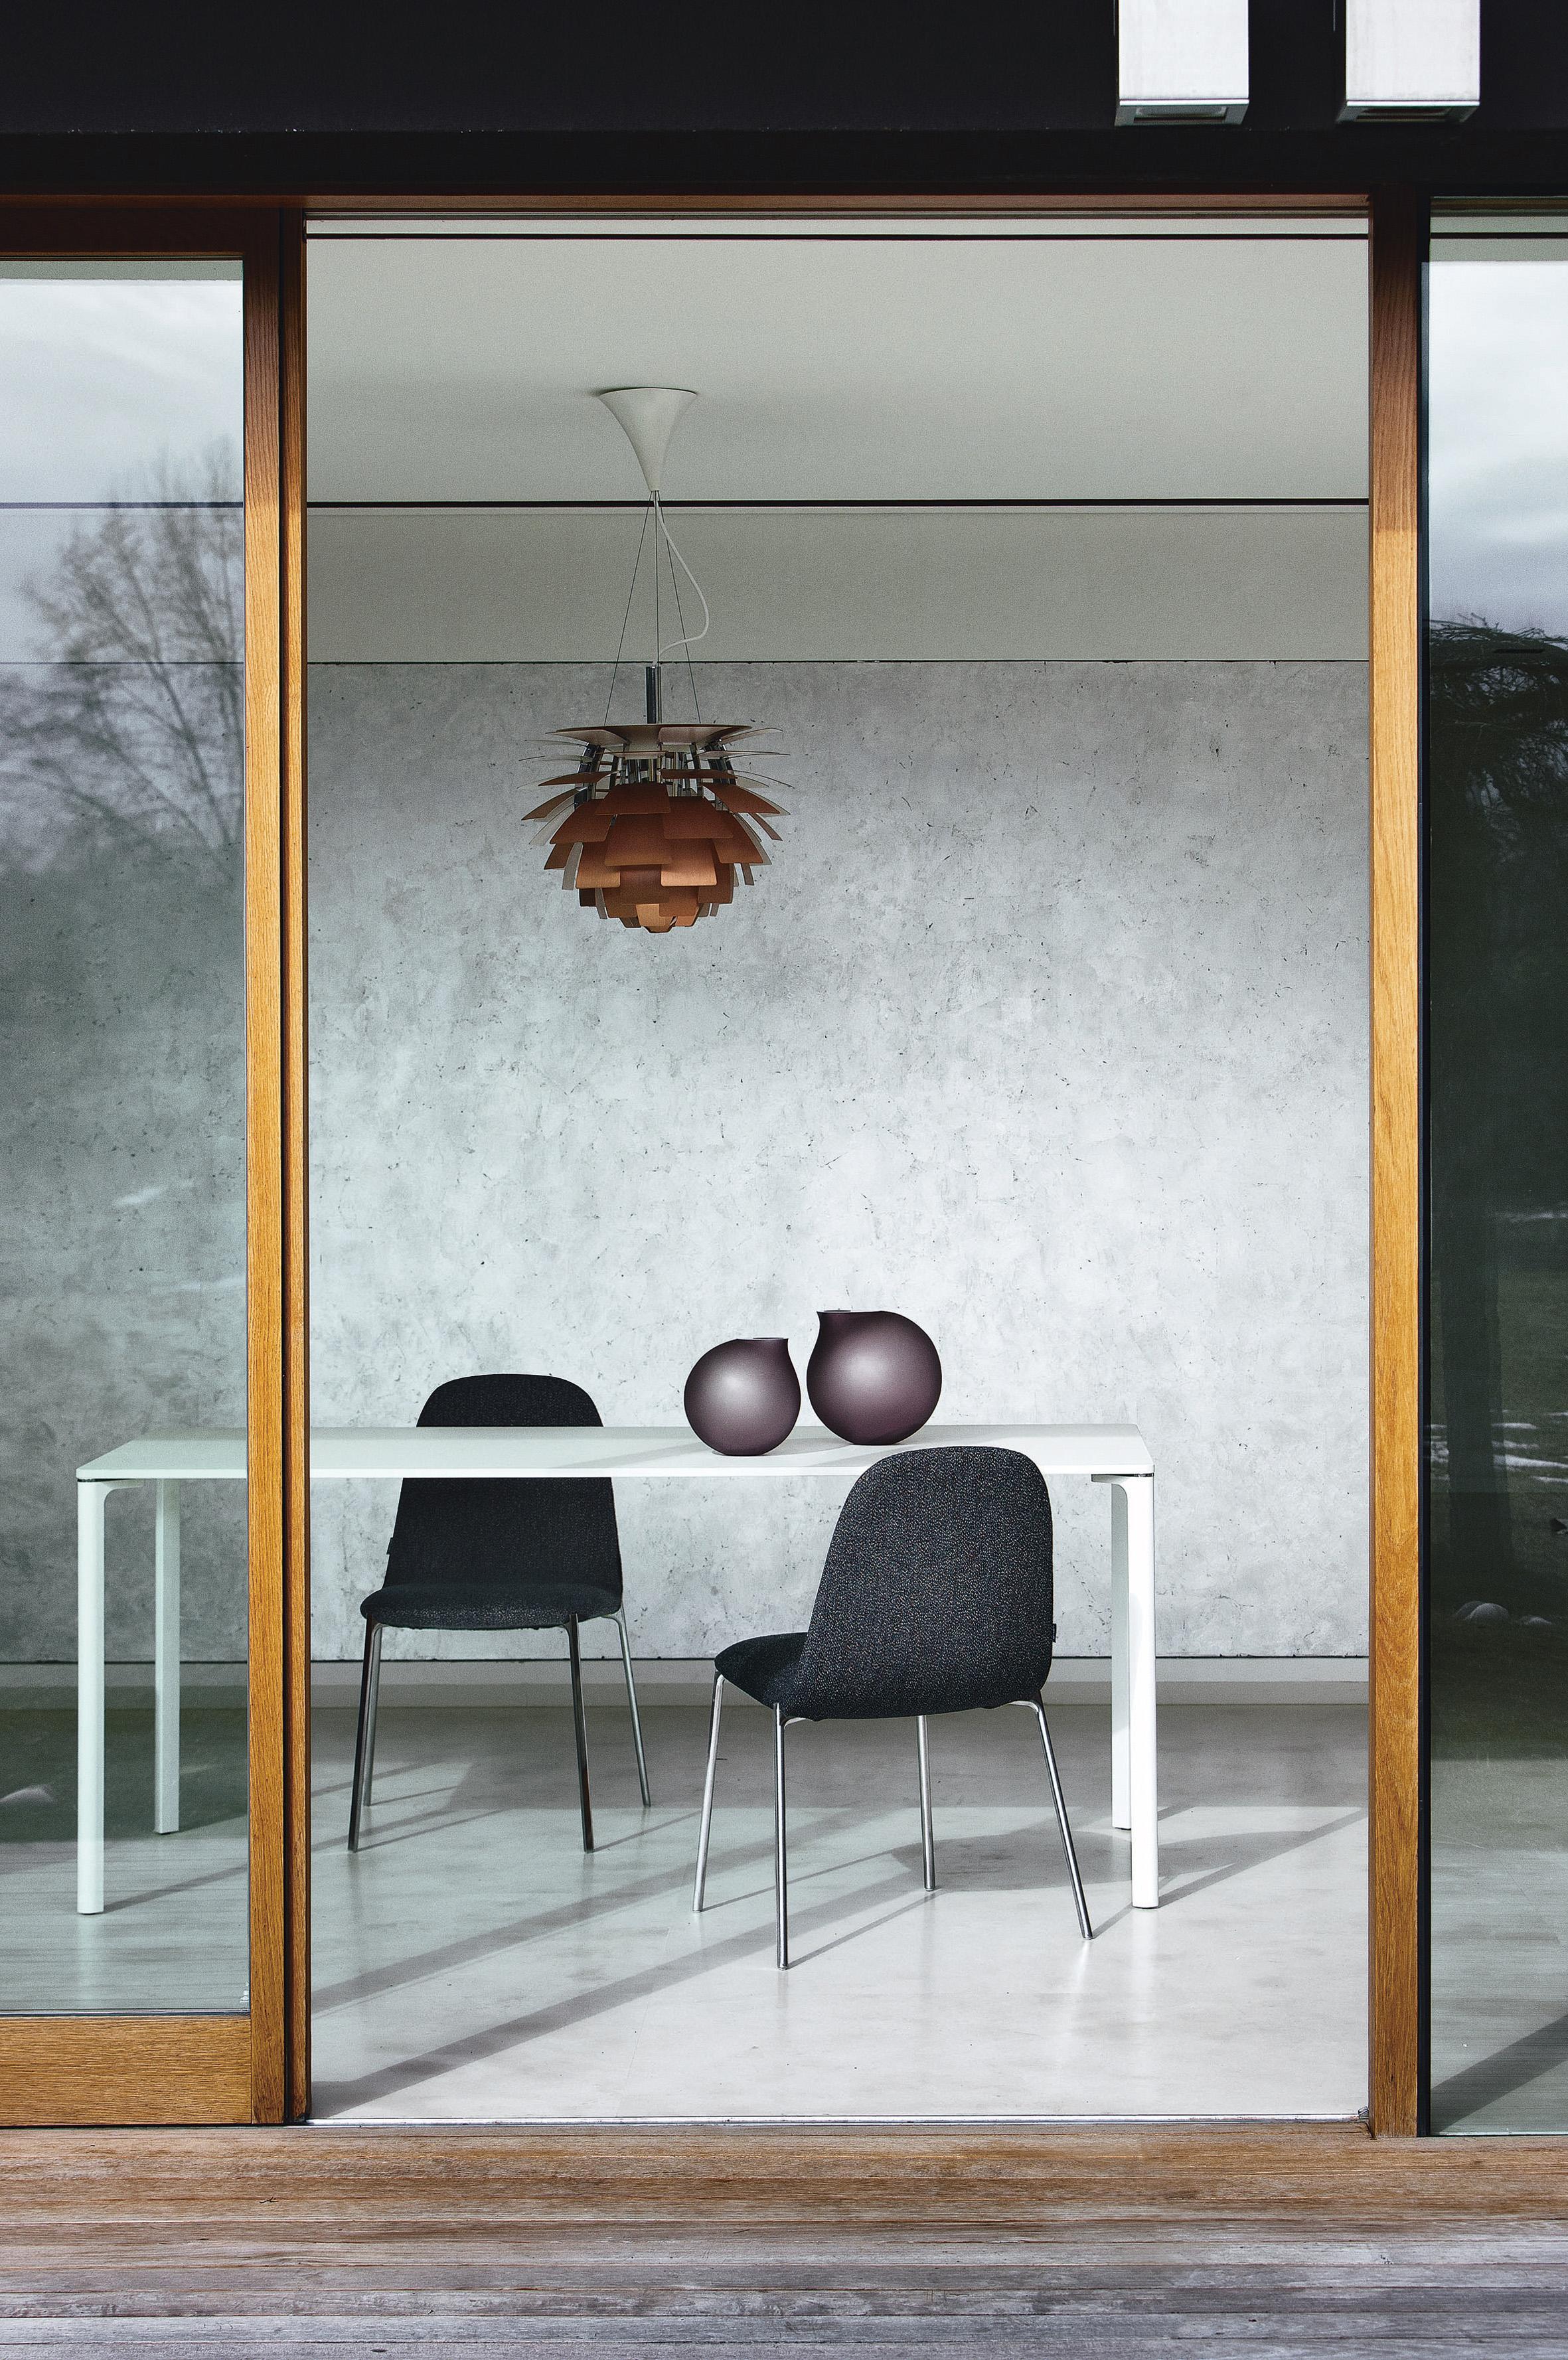 Futuristischer Minimalismus #esstisch #minimalistisch #esszimmerstuhl  #tisch #futuristisch #schiebetür #holzlampe